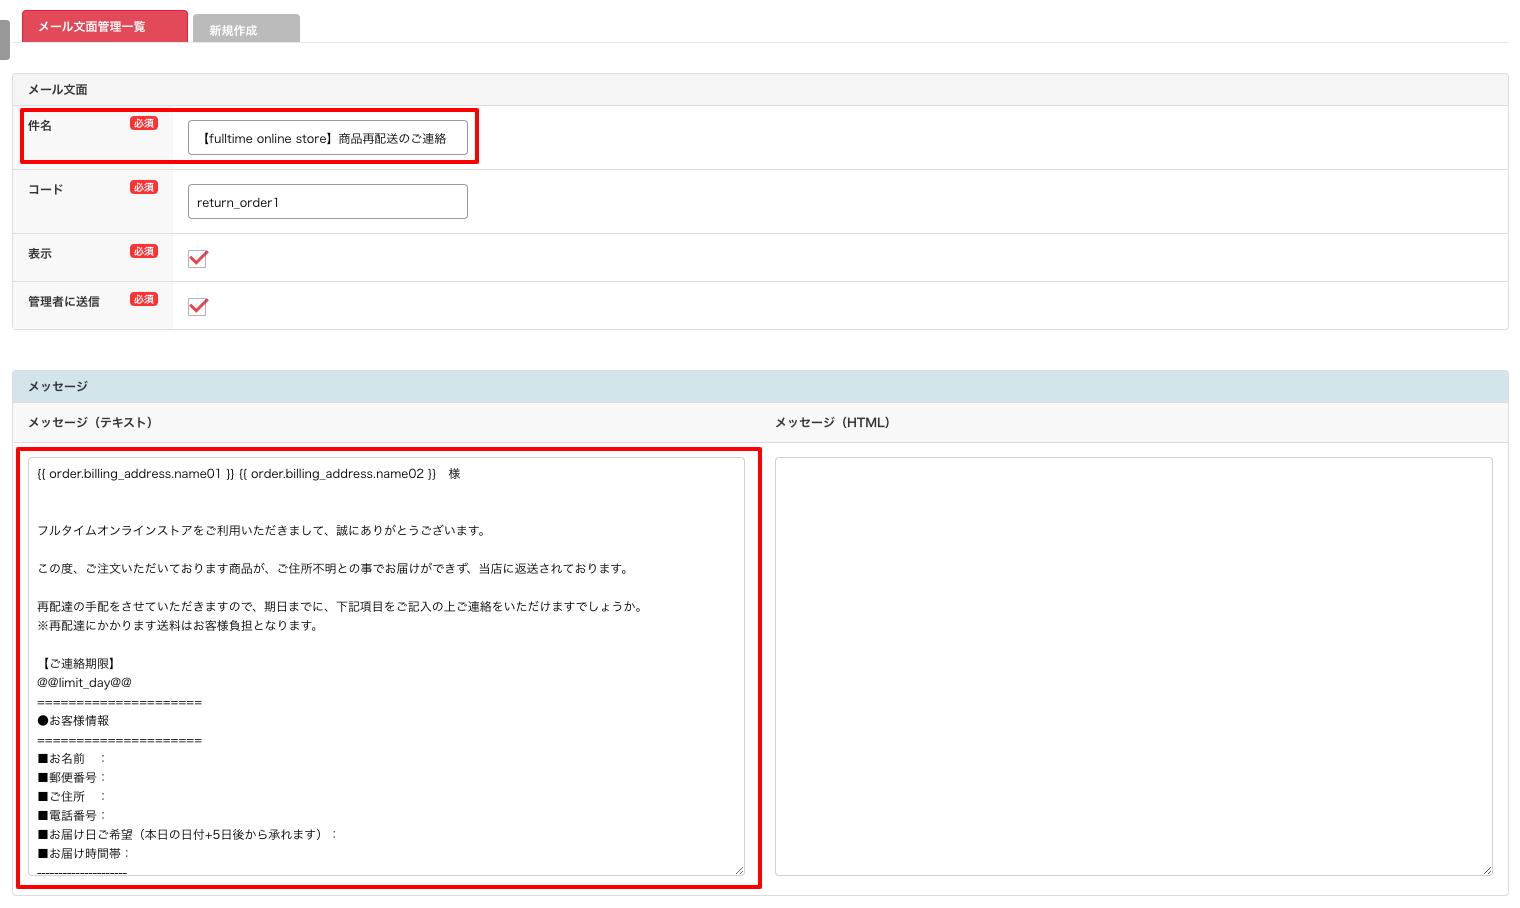 _テスト環境 メール文面管理 FULLTIME リピート通販専用!あなたのかわりにフルタイムで働くロボット。 (4)